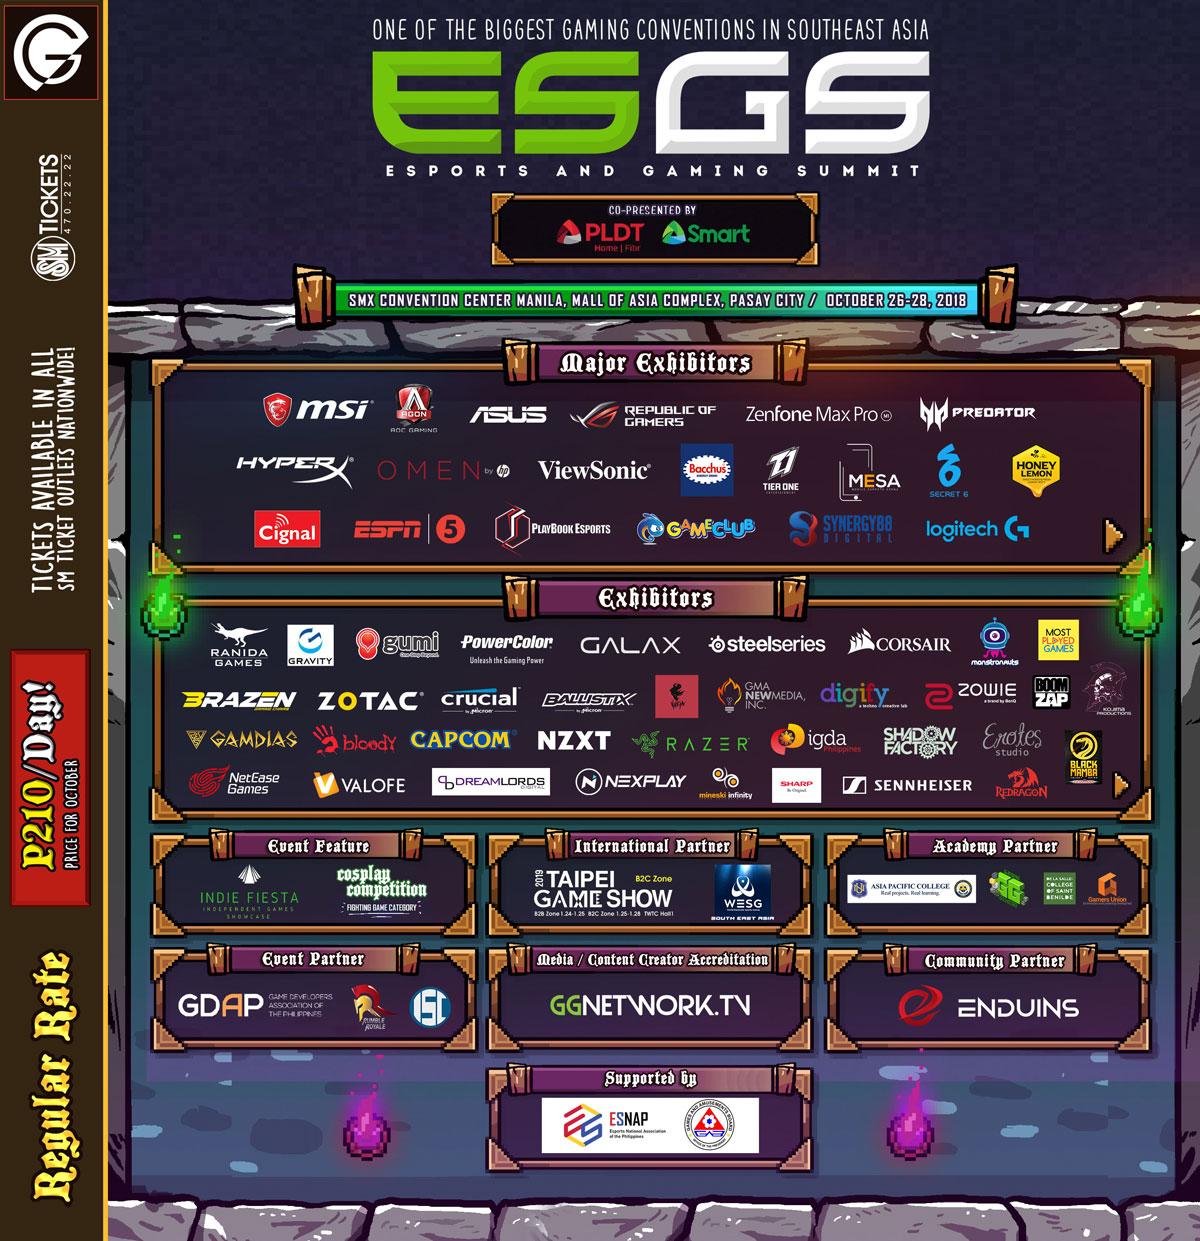 ESGS 2018 Survival Guide (3)